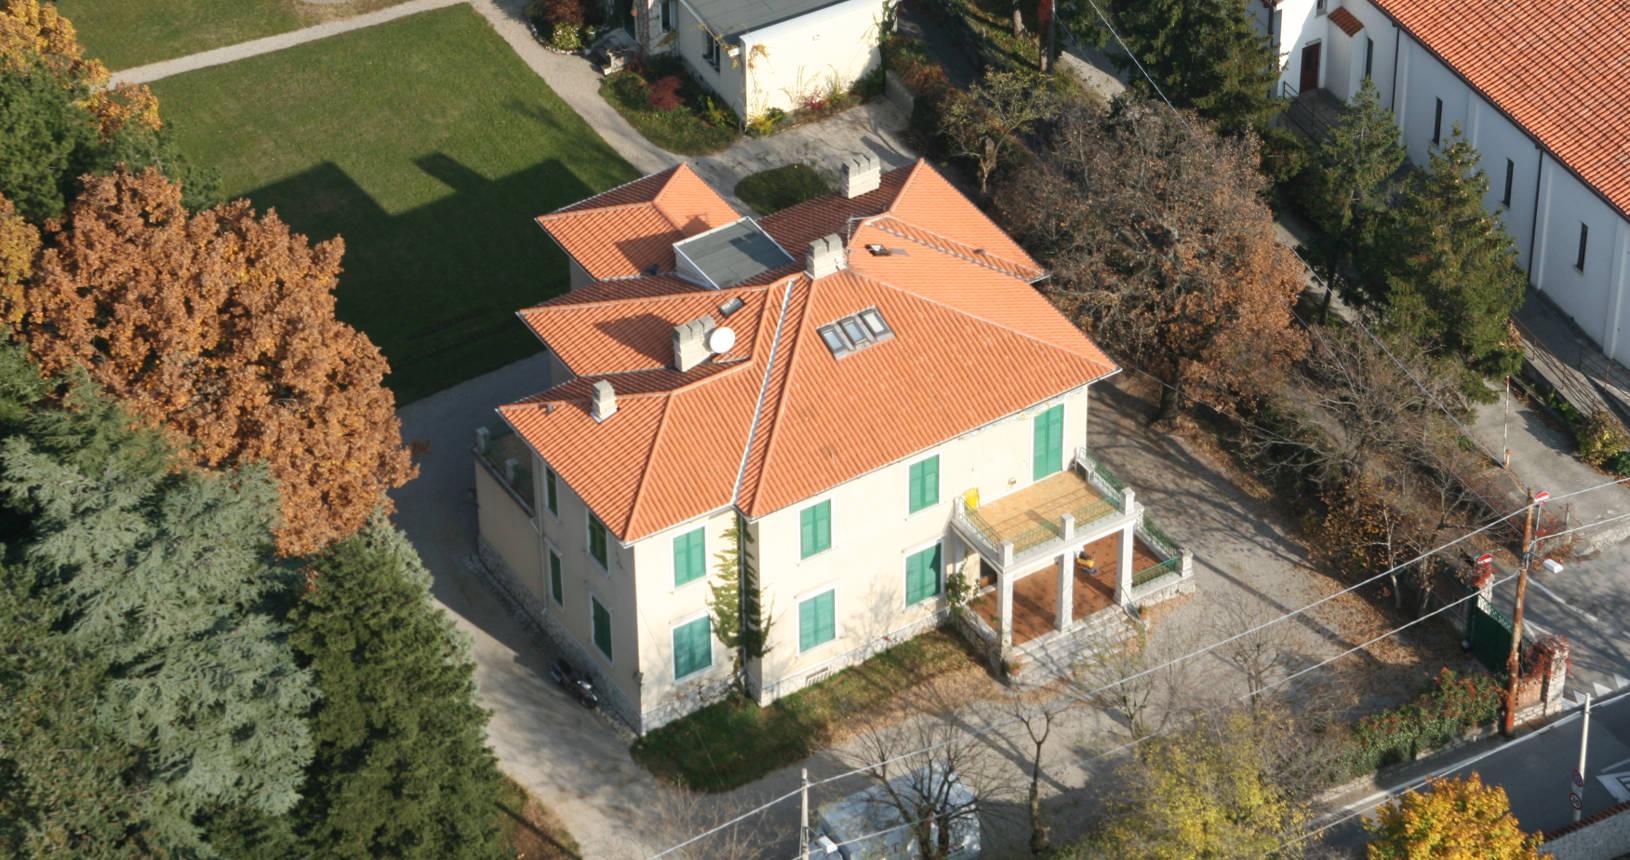 Impresa Edile Pittini Trieste_Gallery 5